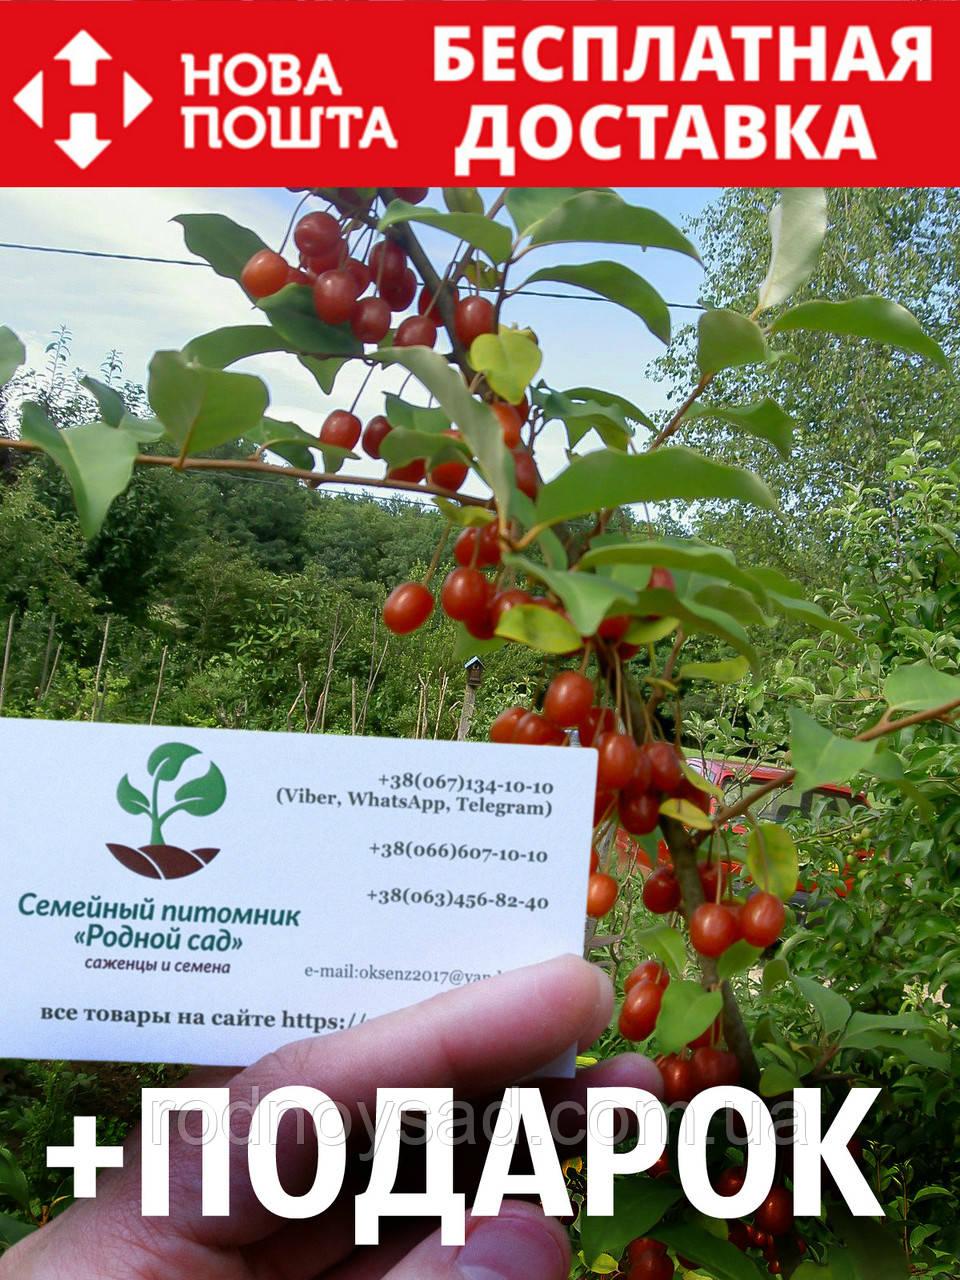 Гуми (лох многоцветковый) семена (10 штук) Elaeagnus multiflora для саженцев насіння на саджанці + подарок